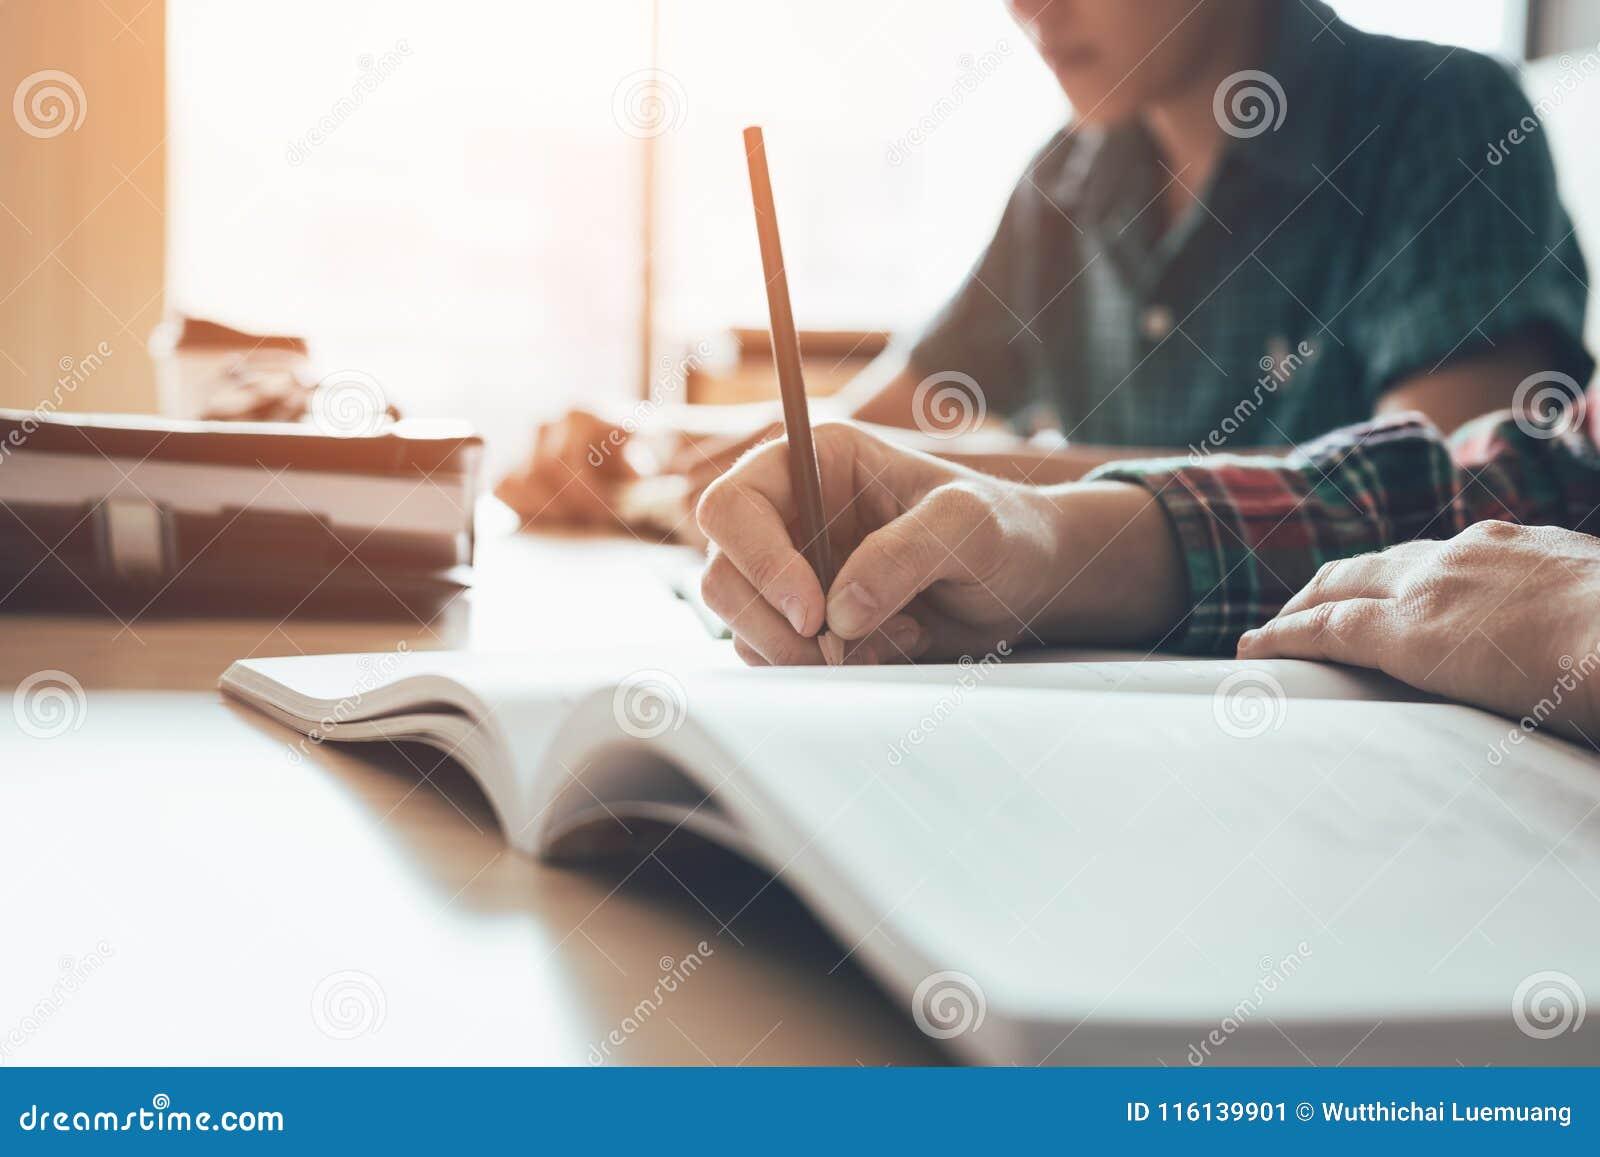 Ο σπουδαστής μελετά την εργασία και γράφει τη δοκιμή στη σύγχρονη τάξη